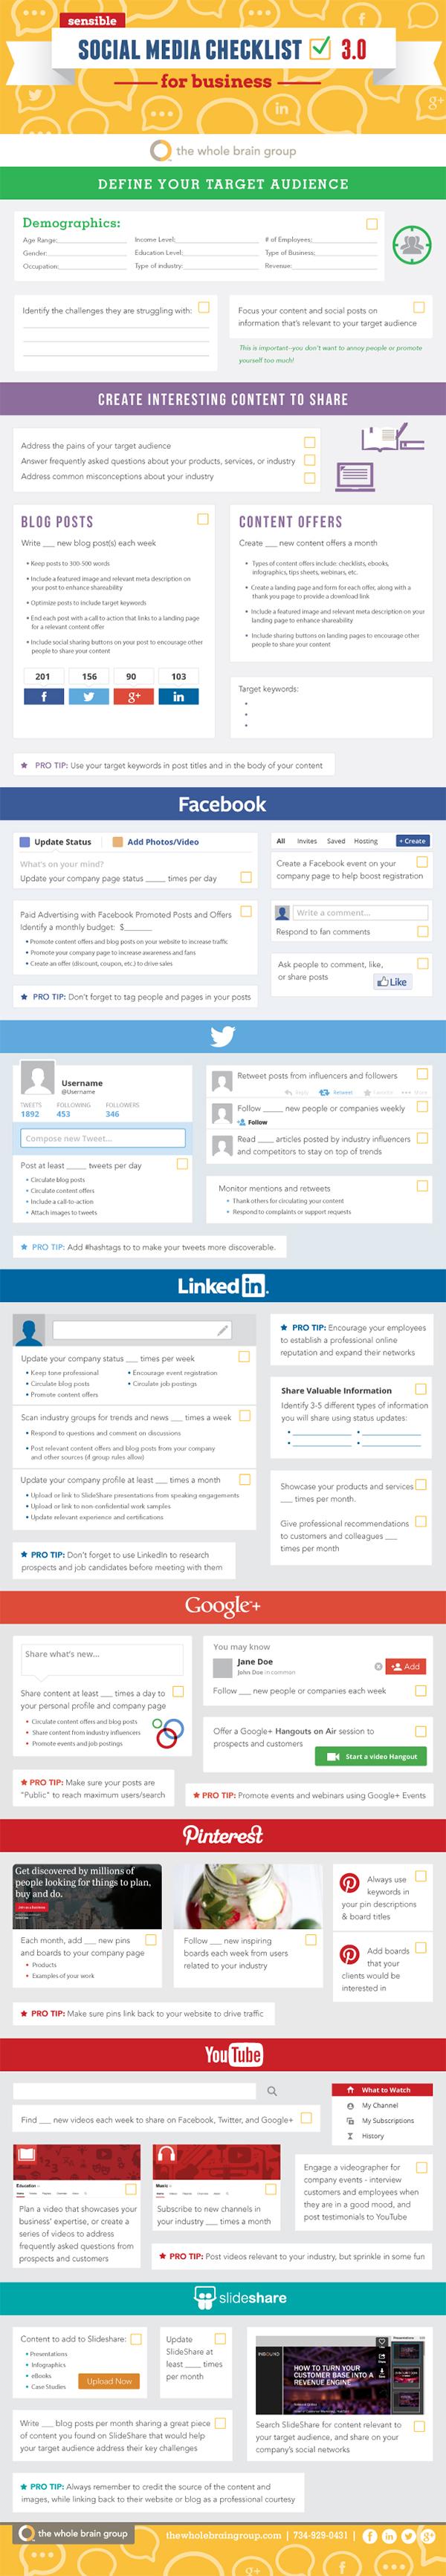 Social Media Checklist Follow This Guide for Social Media Marketing Success